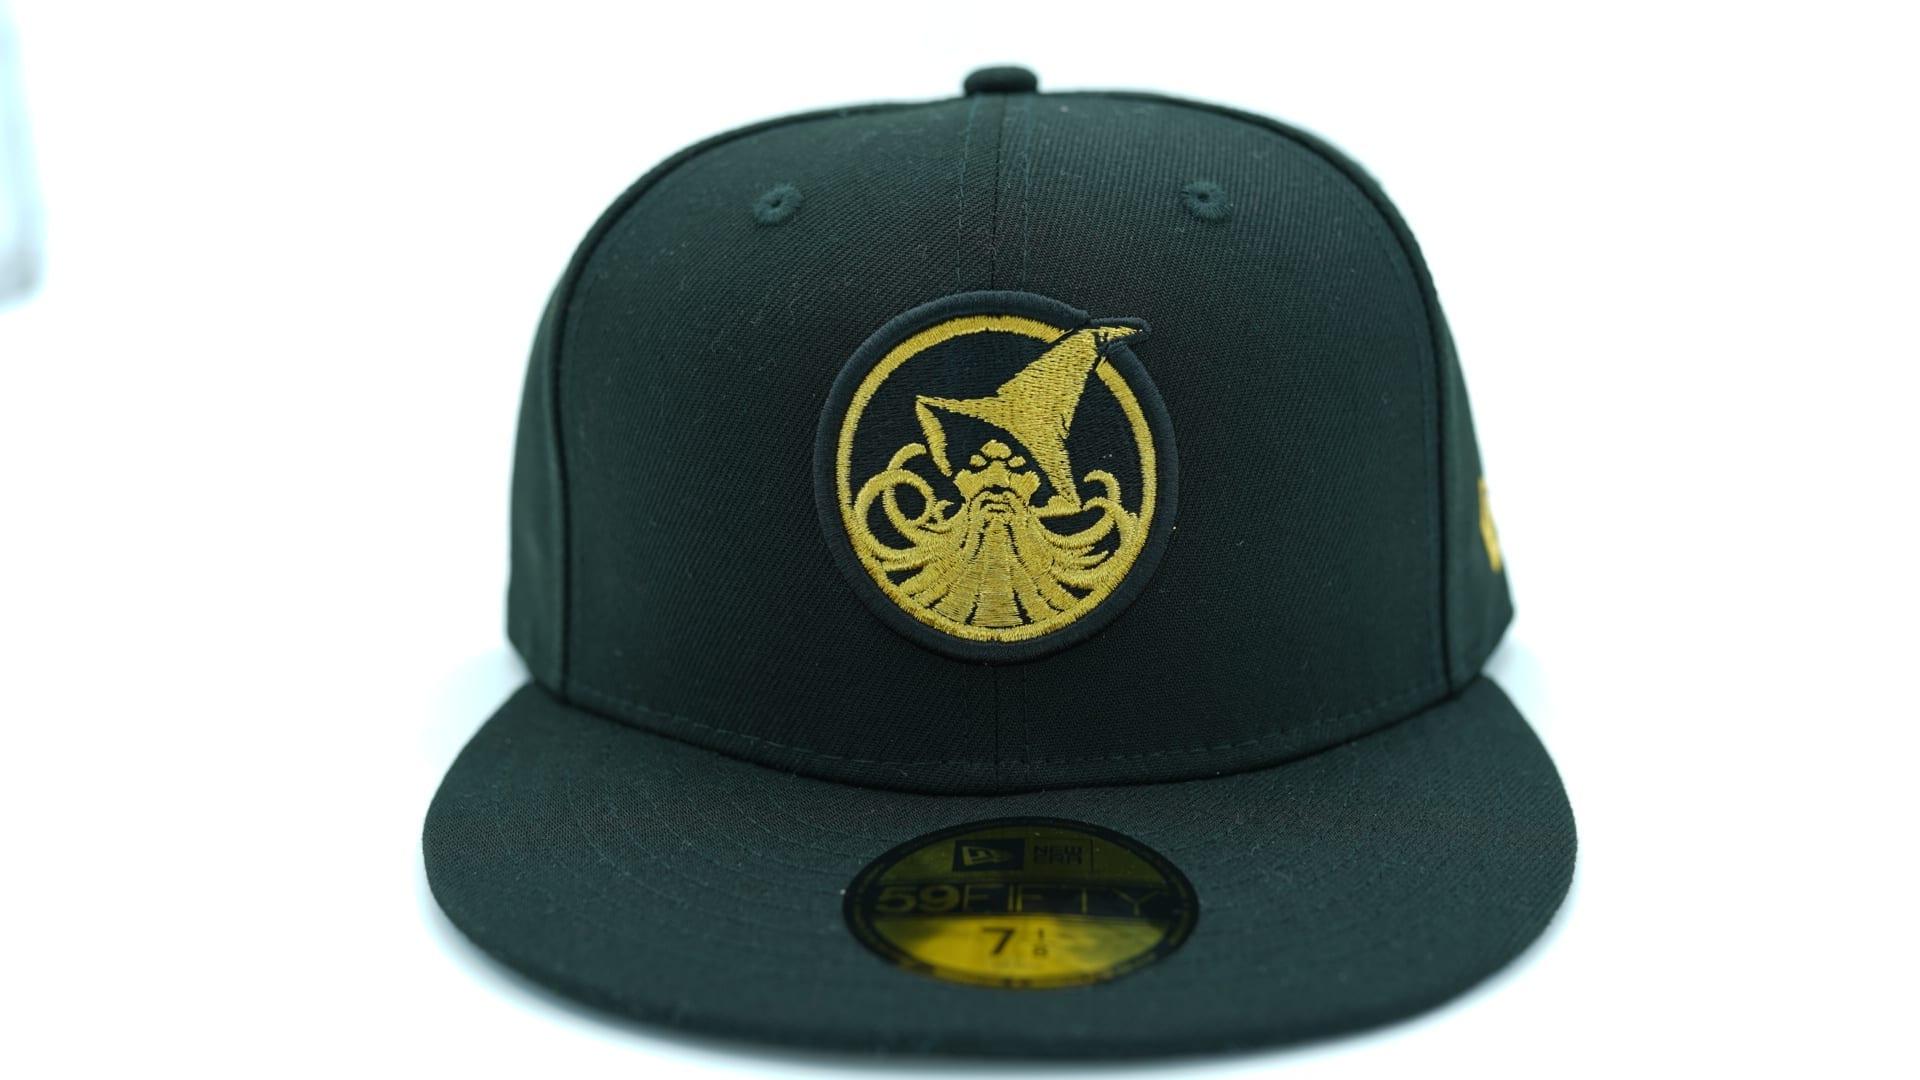 golden state warriors dog ear 59fifty fitted baseball cap new era nba